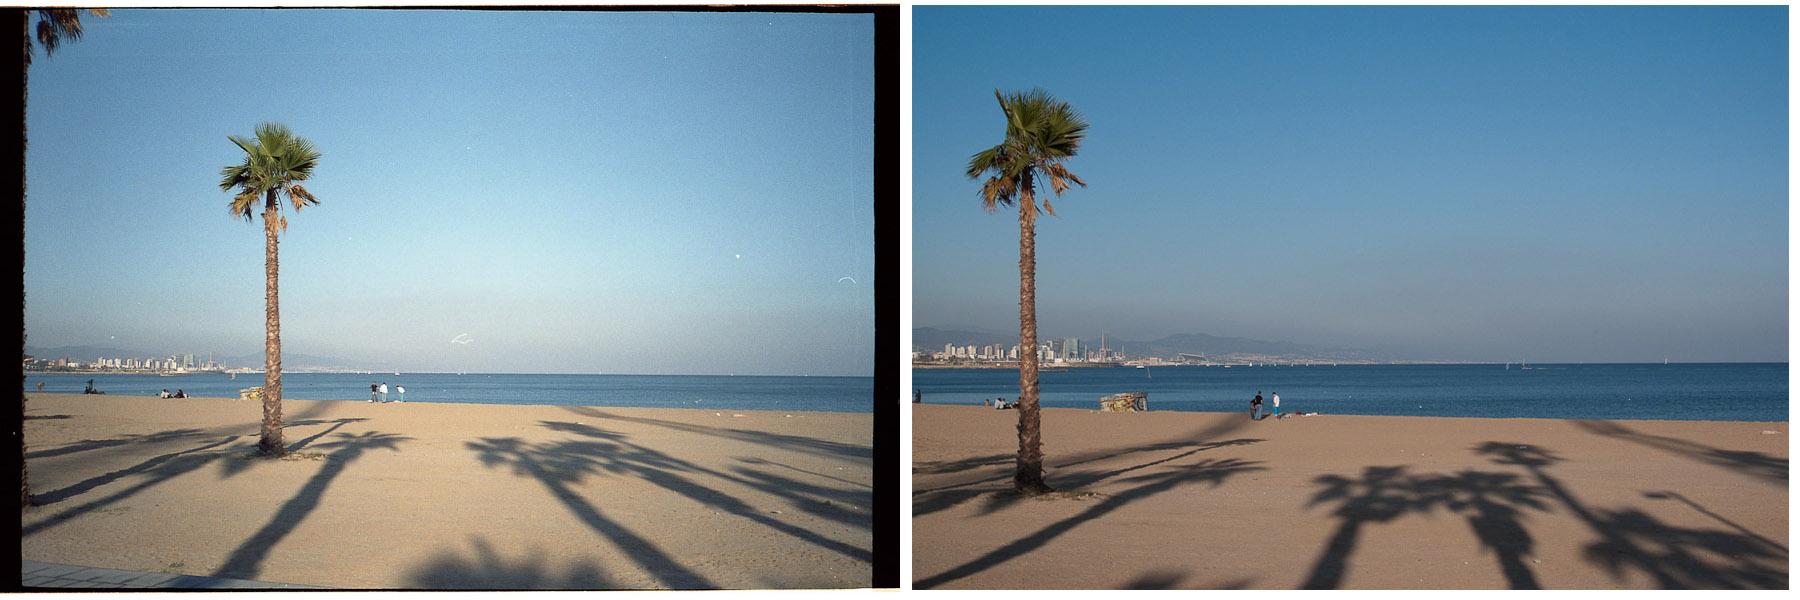 Film vs Digital | alexander olsson photographyalexander olsson ...